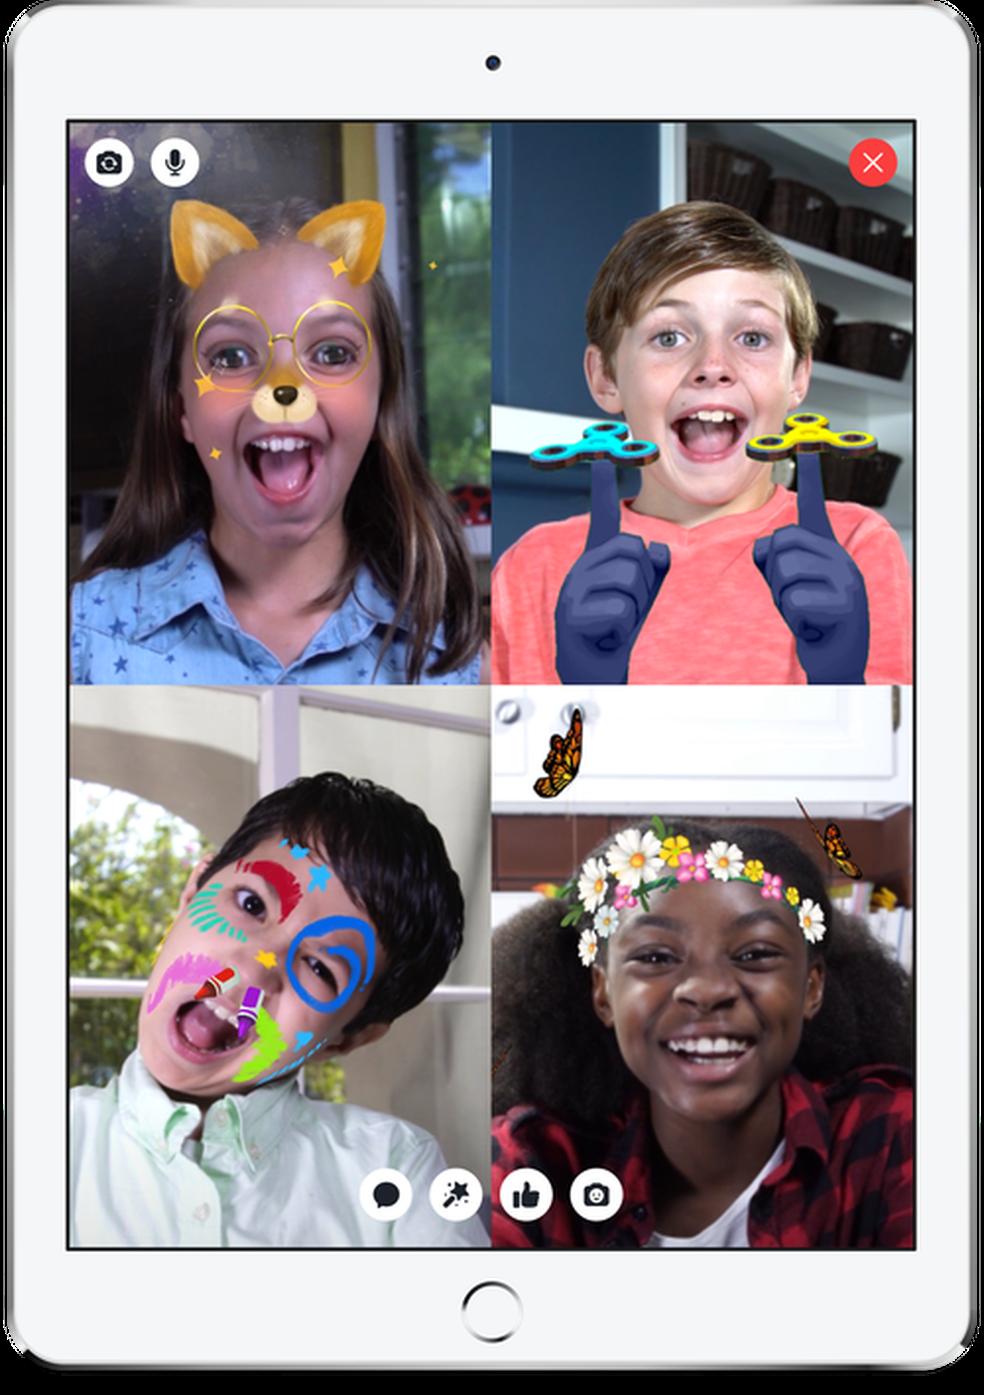 mencao messenger2 - Facebook lança Messenger Kids, aplicativo para crianças menores de 13 anos